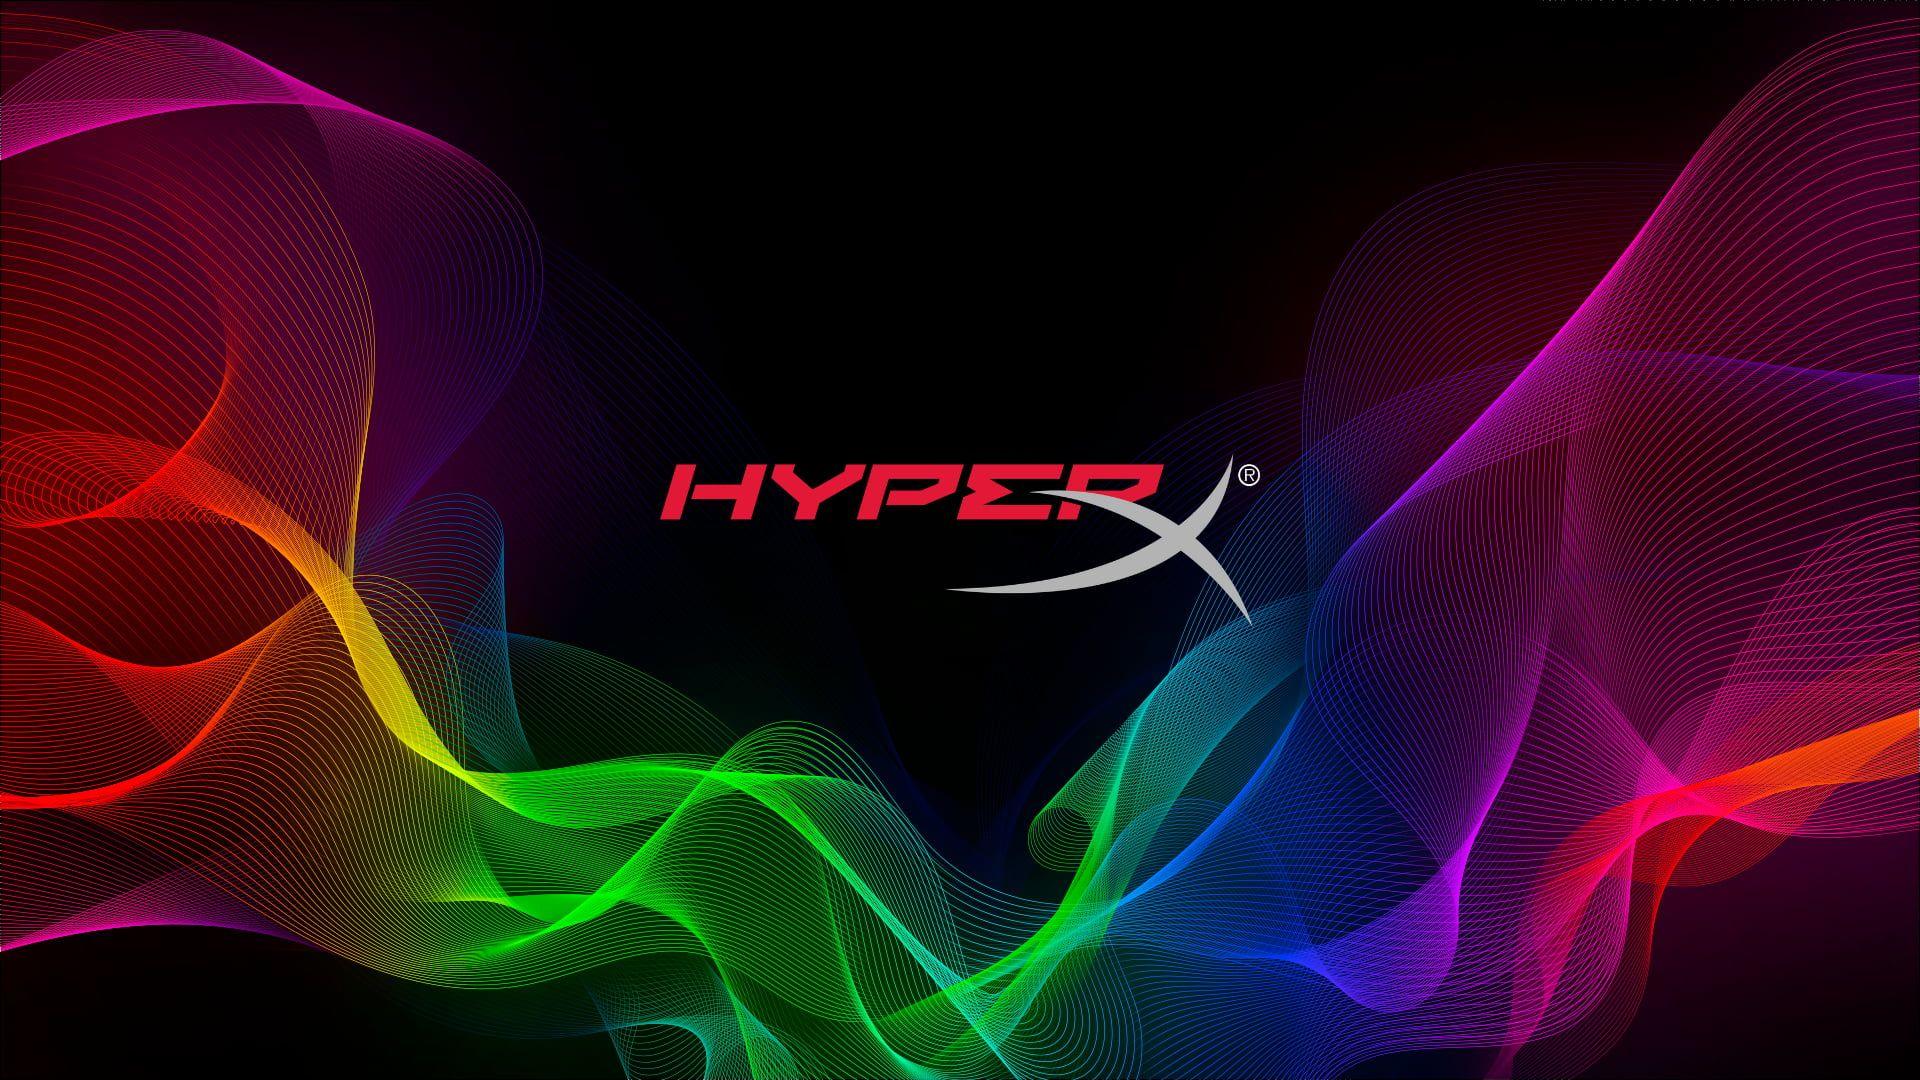 Razer Hyperx Corsair 1080p Wallpaper Hdwallpaper Desktop Hyperx Computer Logo Wallpaper